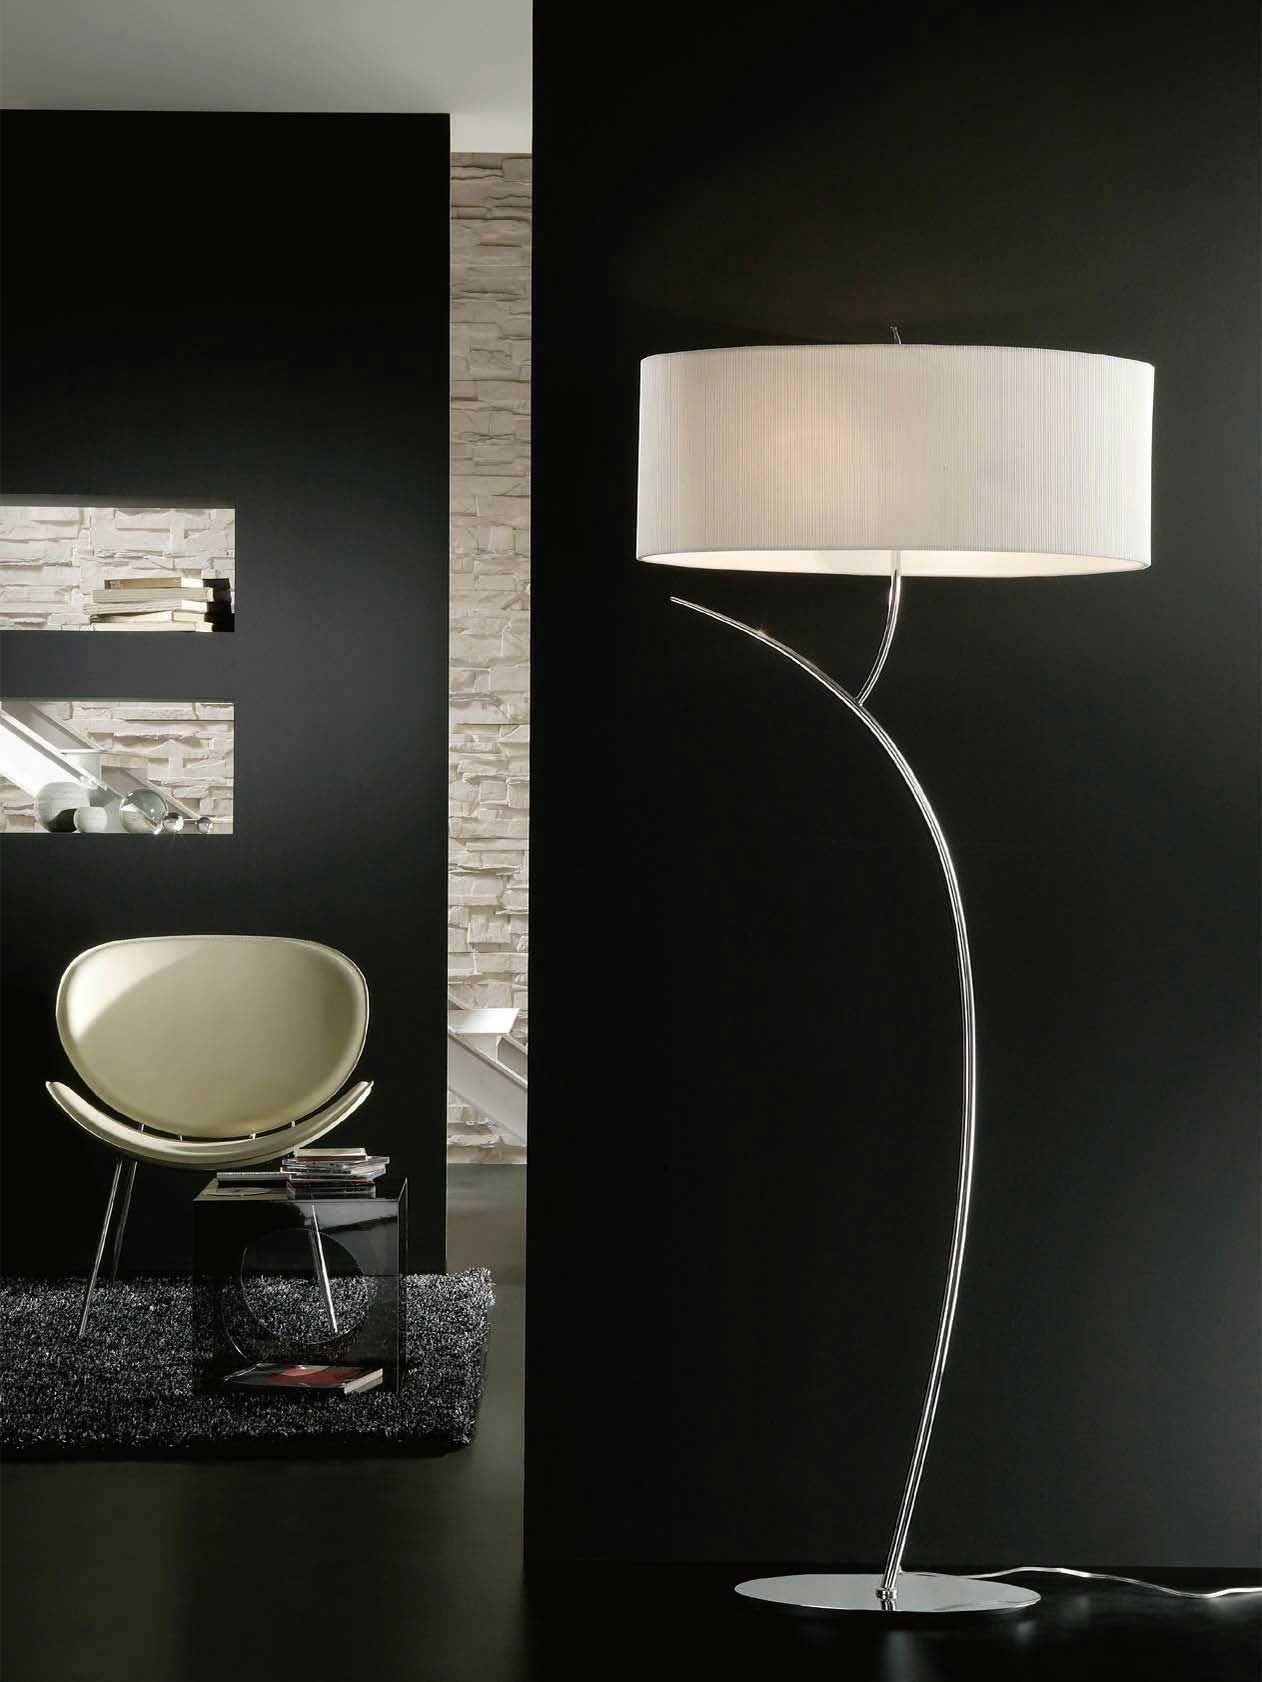 Full Size of Wohnzimmer Stehlampe Modern Stehlampen Hängeschrank Led Deckenleuchte Küche Holz Fototapete Wandbild Deckenlampen Vorhang Bilder Für Kamin Schrank Wohnzimmer Wohnzimmer Stehlampe Modern